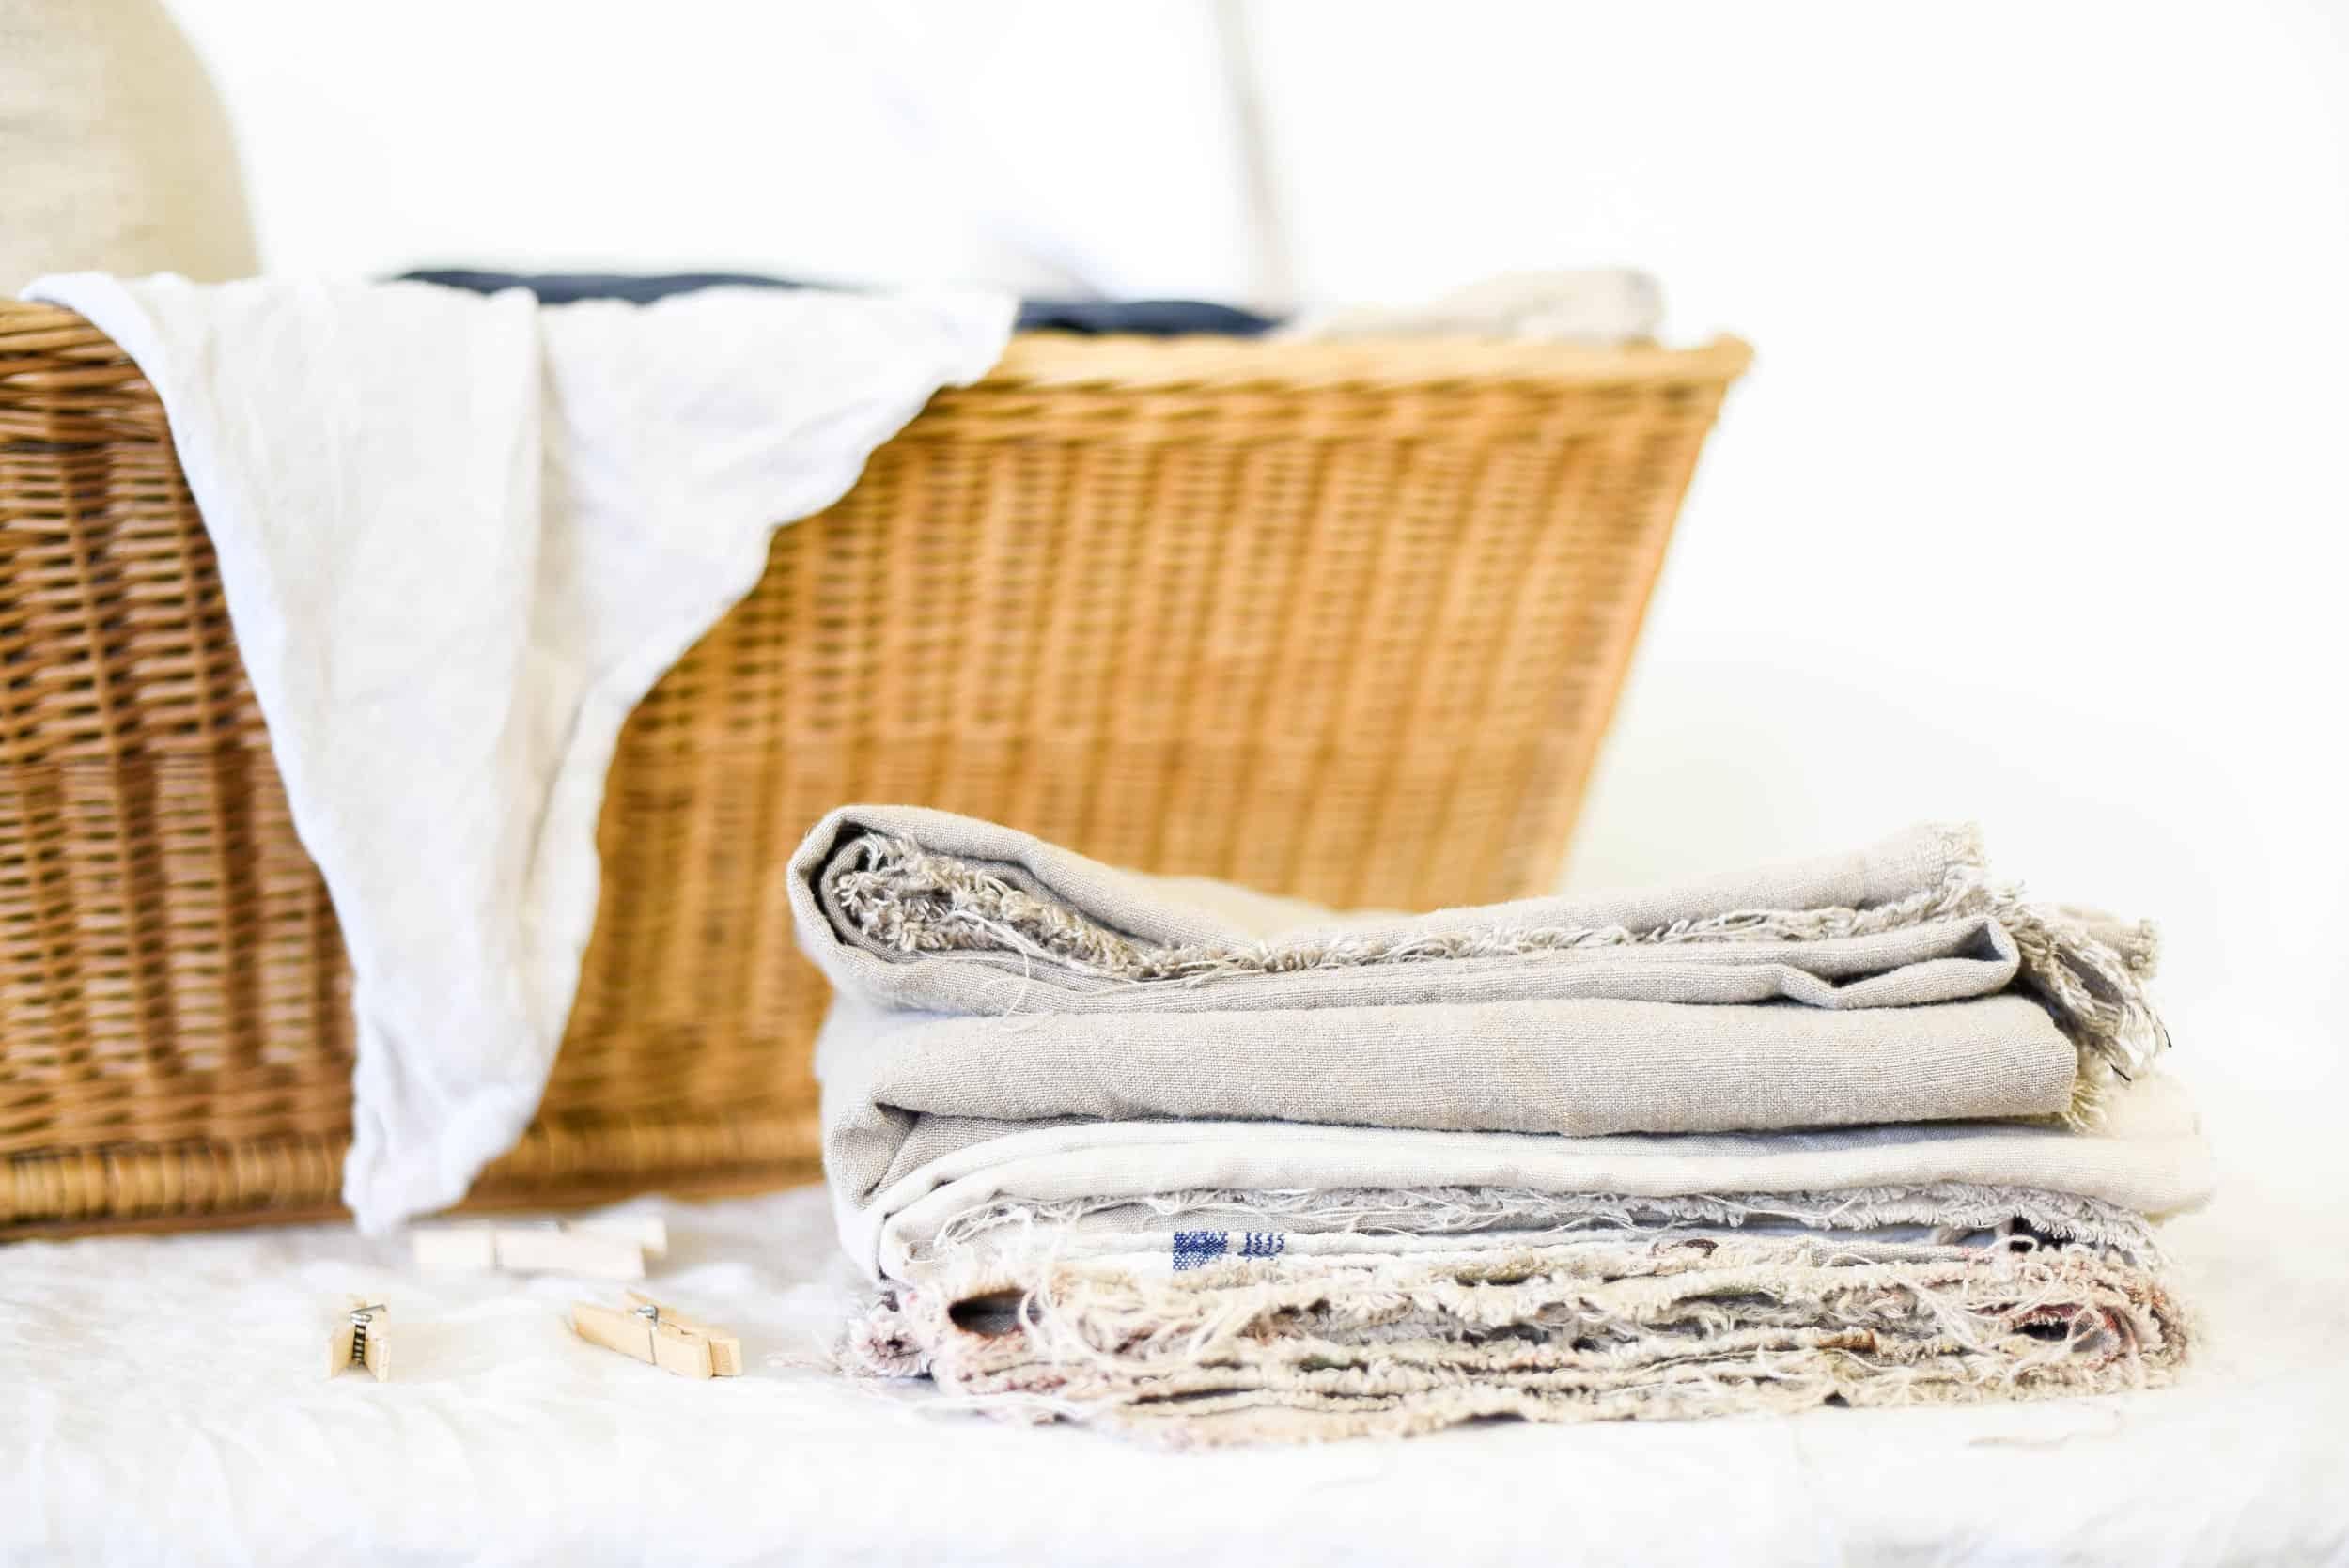 linen in a basket